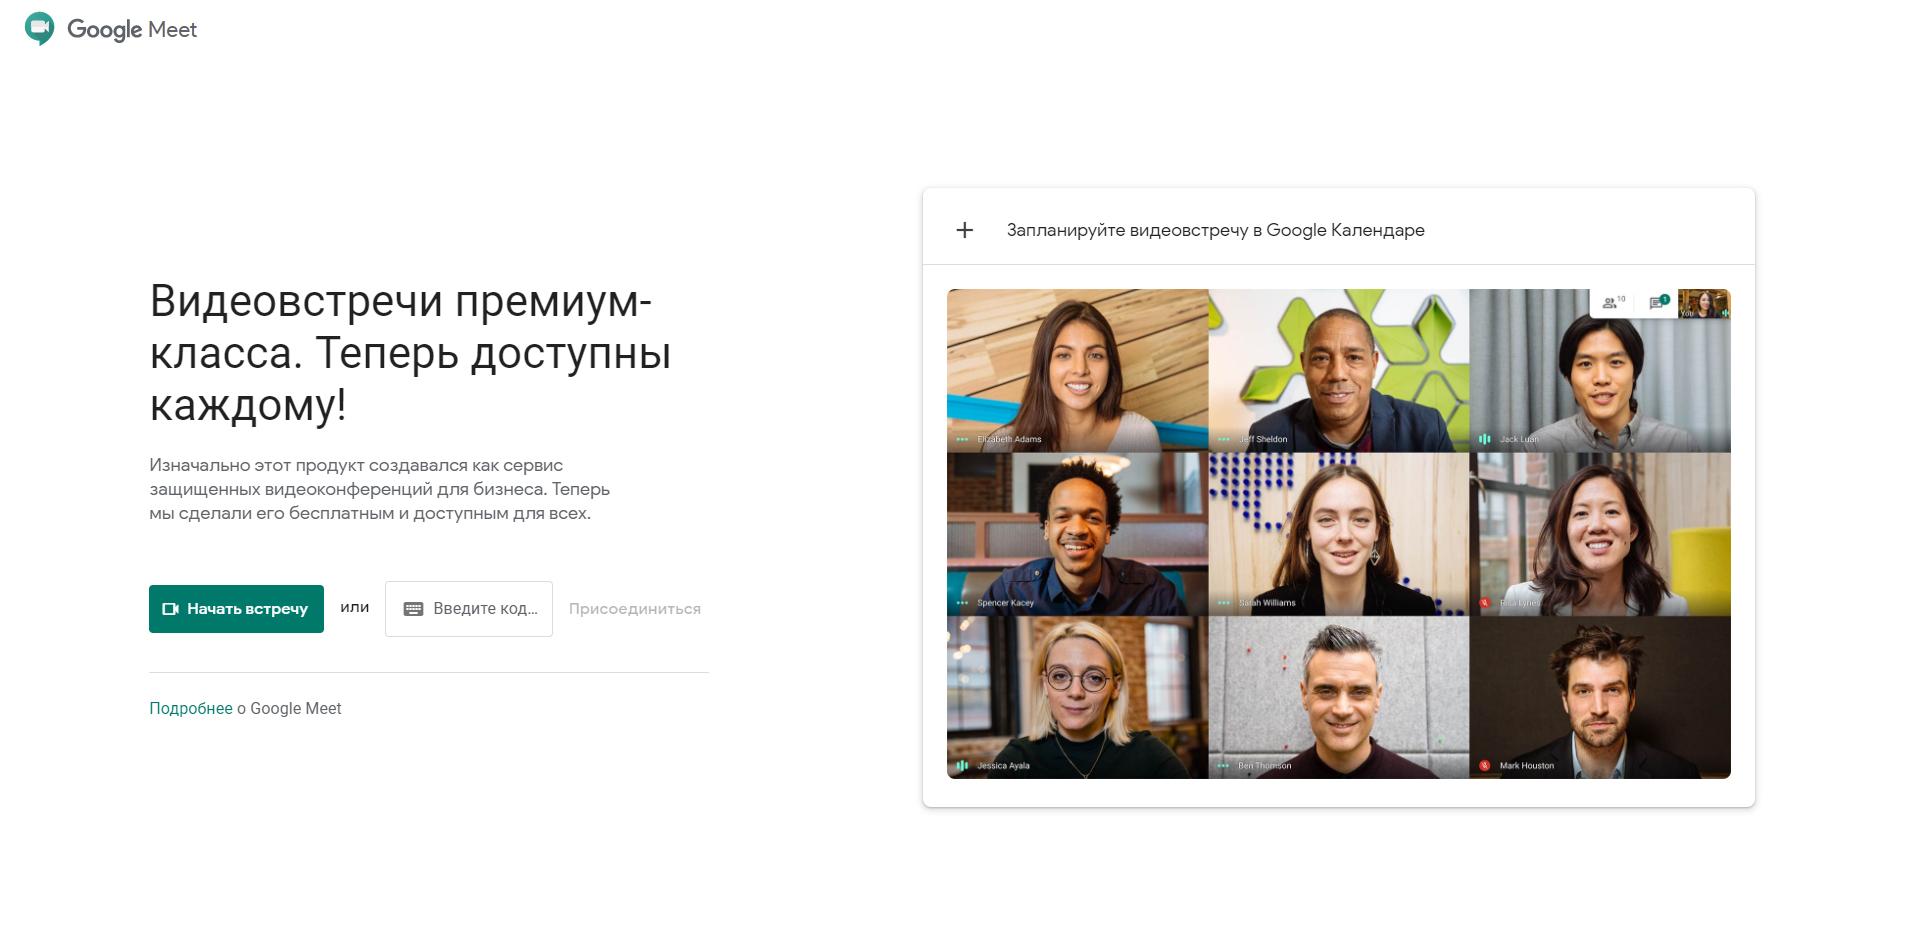 Полный обзор Google Meet: видеоконференции теперь доступны каждому | Описание, инструкция, преимущества, видео